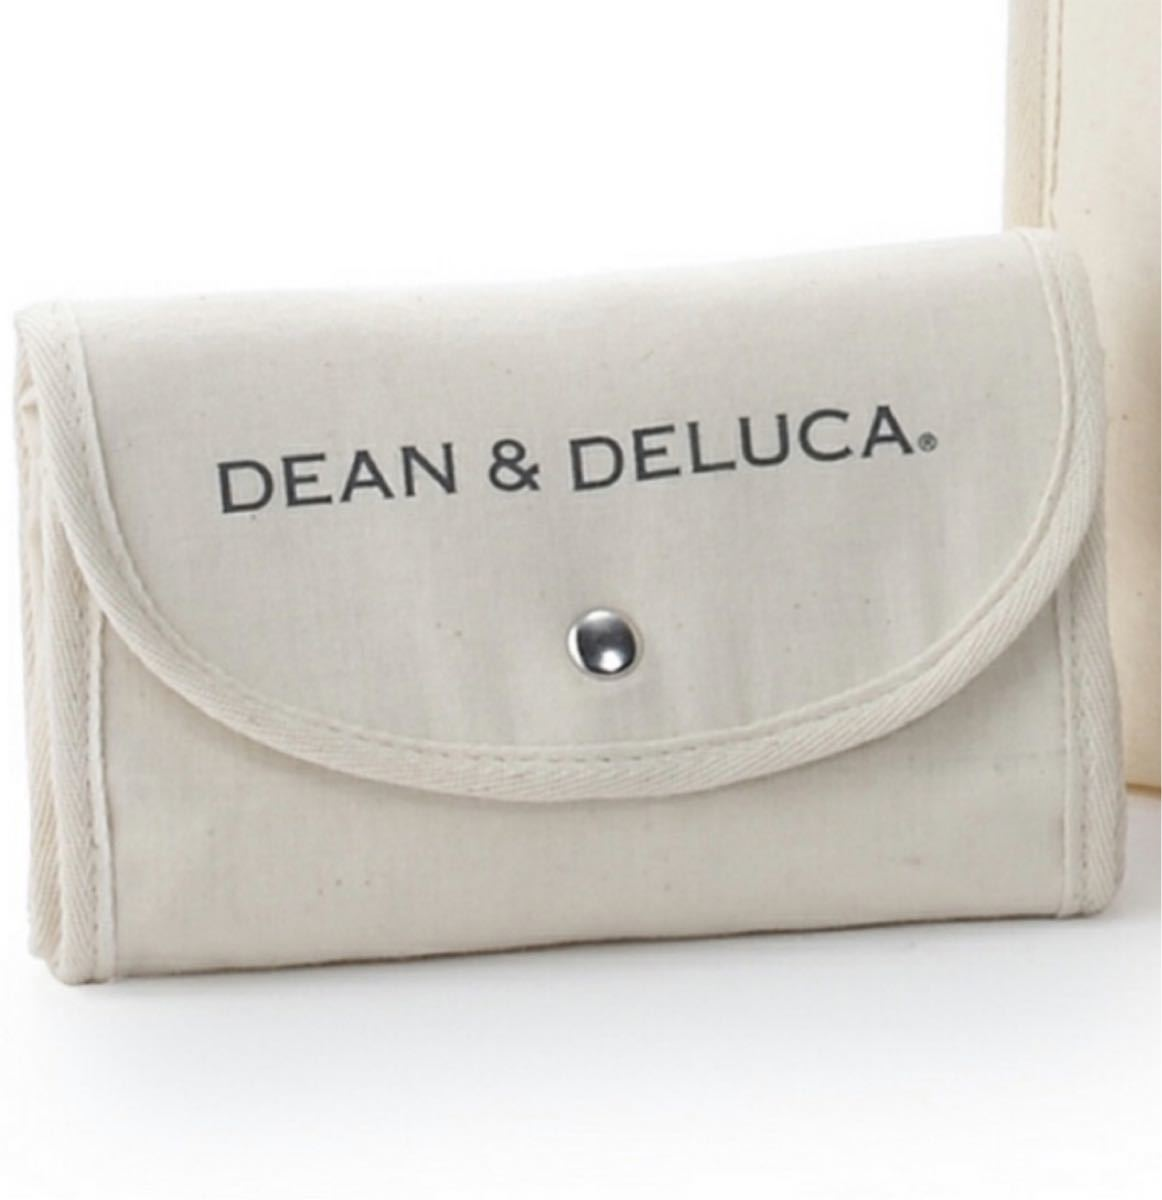 DEAN&DELUCA エコバッグ ナチュラル  ショッピングバッグ ディーン&デルーカ ディーンアンドデルーカ トートバッグ